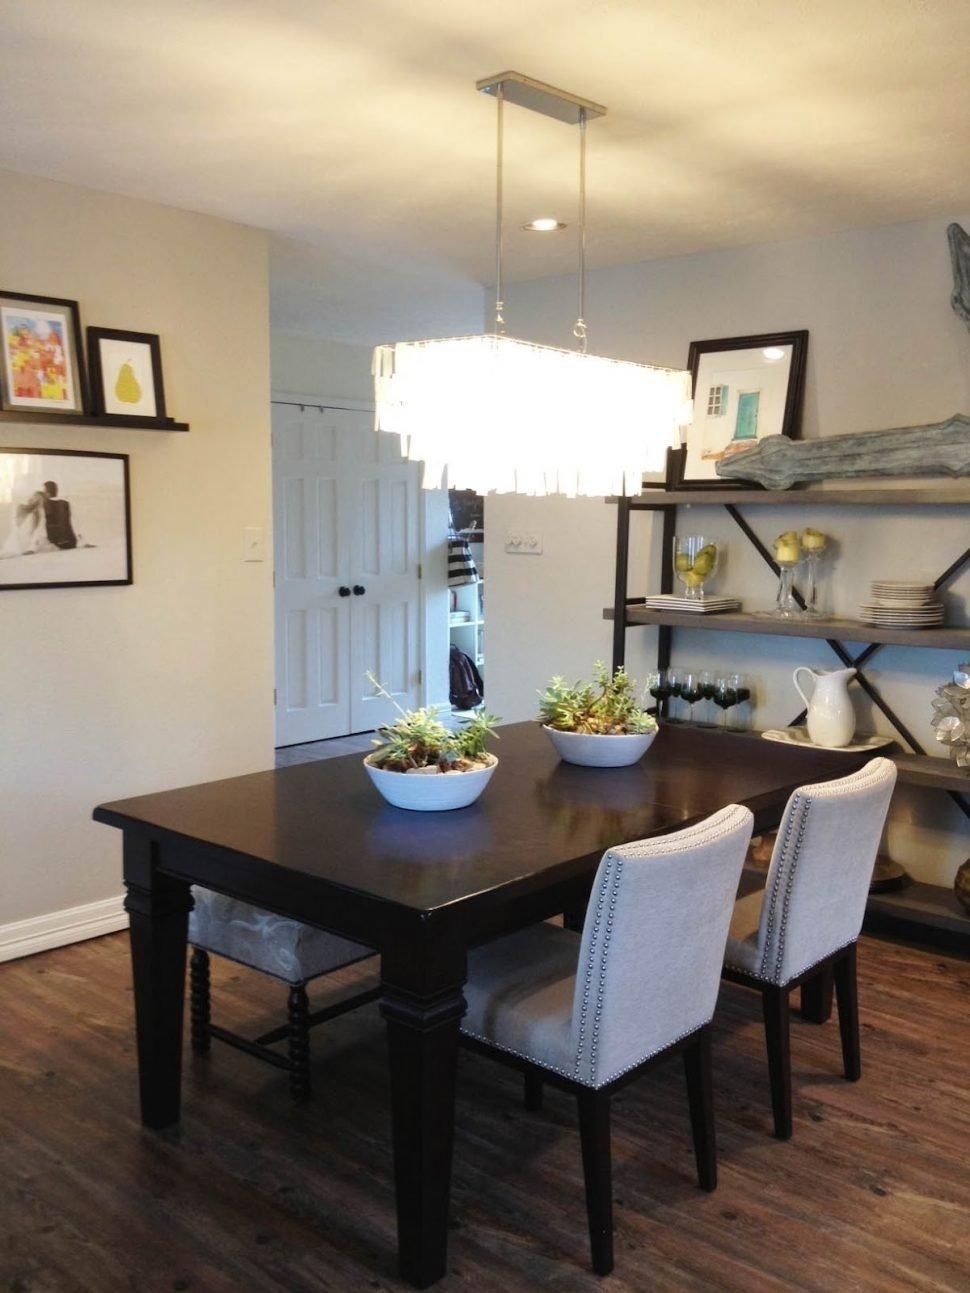 10 Stylish Dining Room Light Fixtures Ideas dining room light model modern diy lighting contemporary room 1 2021